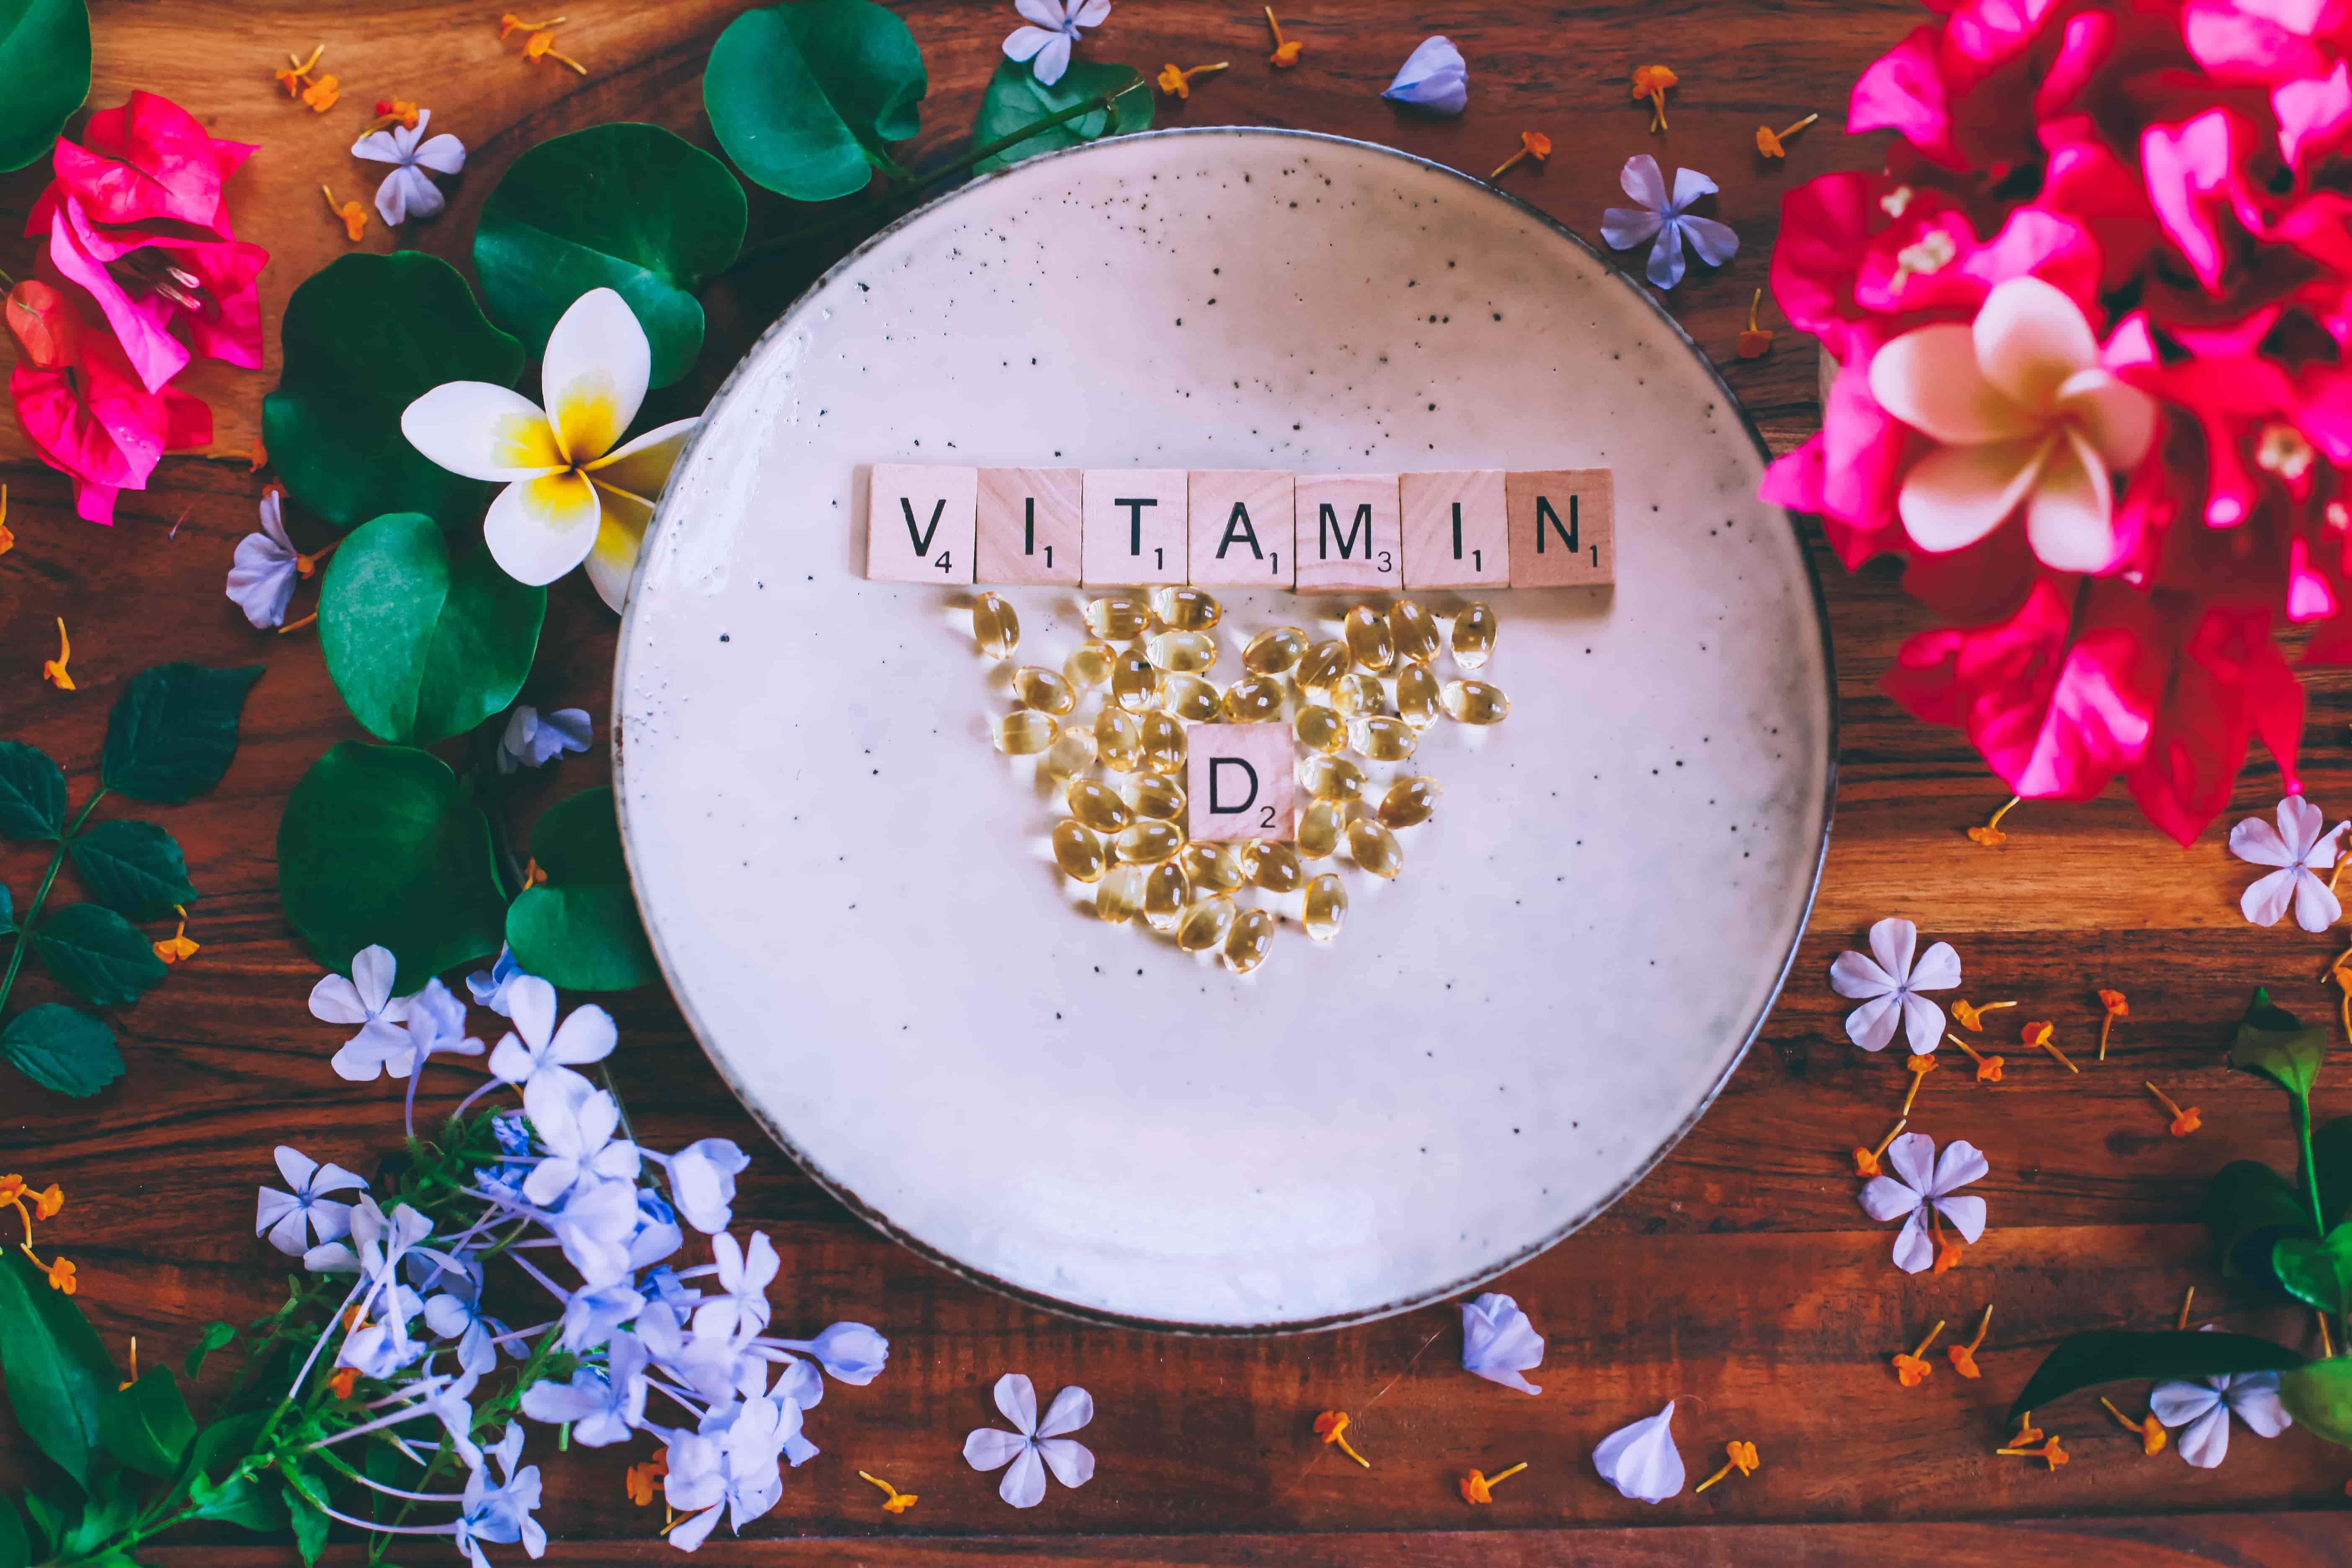 Витамин D. Продукты, в которых он содержится